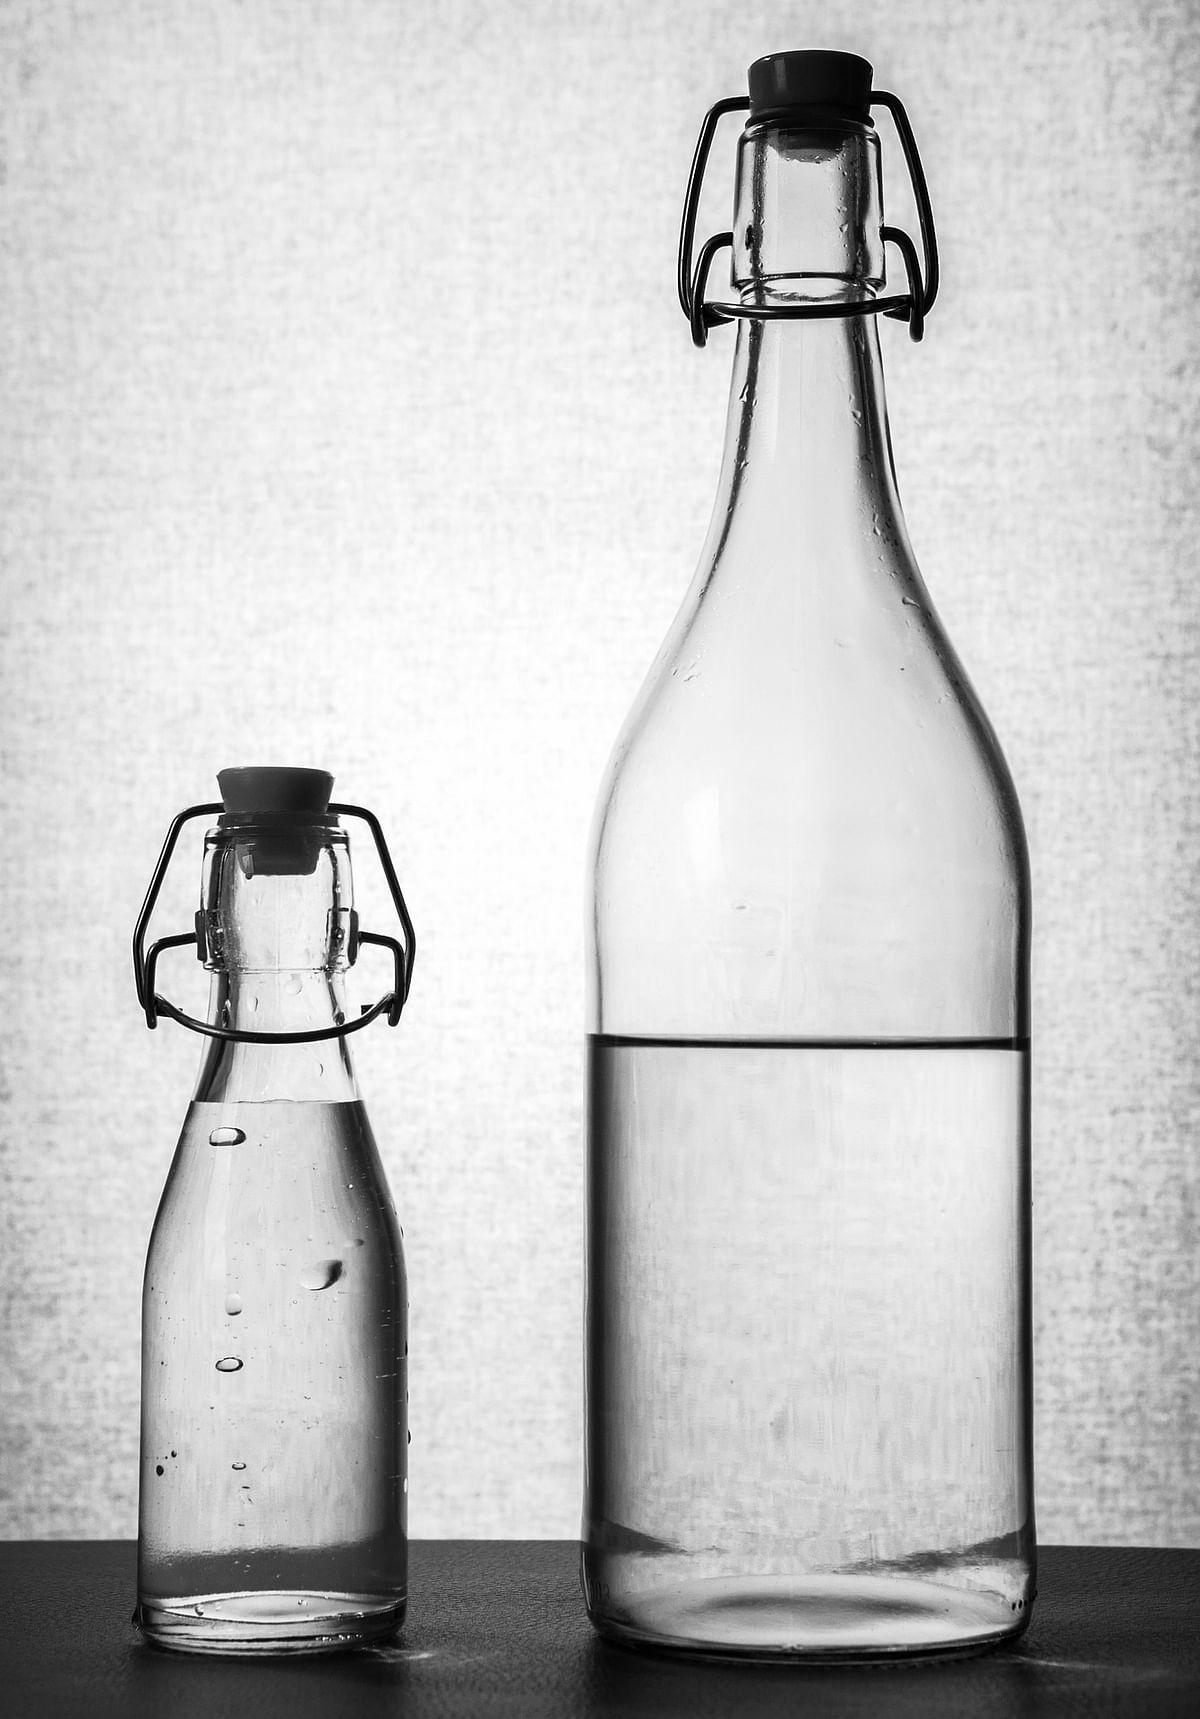 इन उपायों से रखें बारिश में पीने के पानी को शुद्ध - How to clean drinking water in rain in Hindi